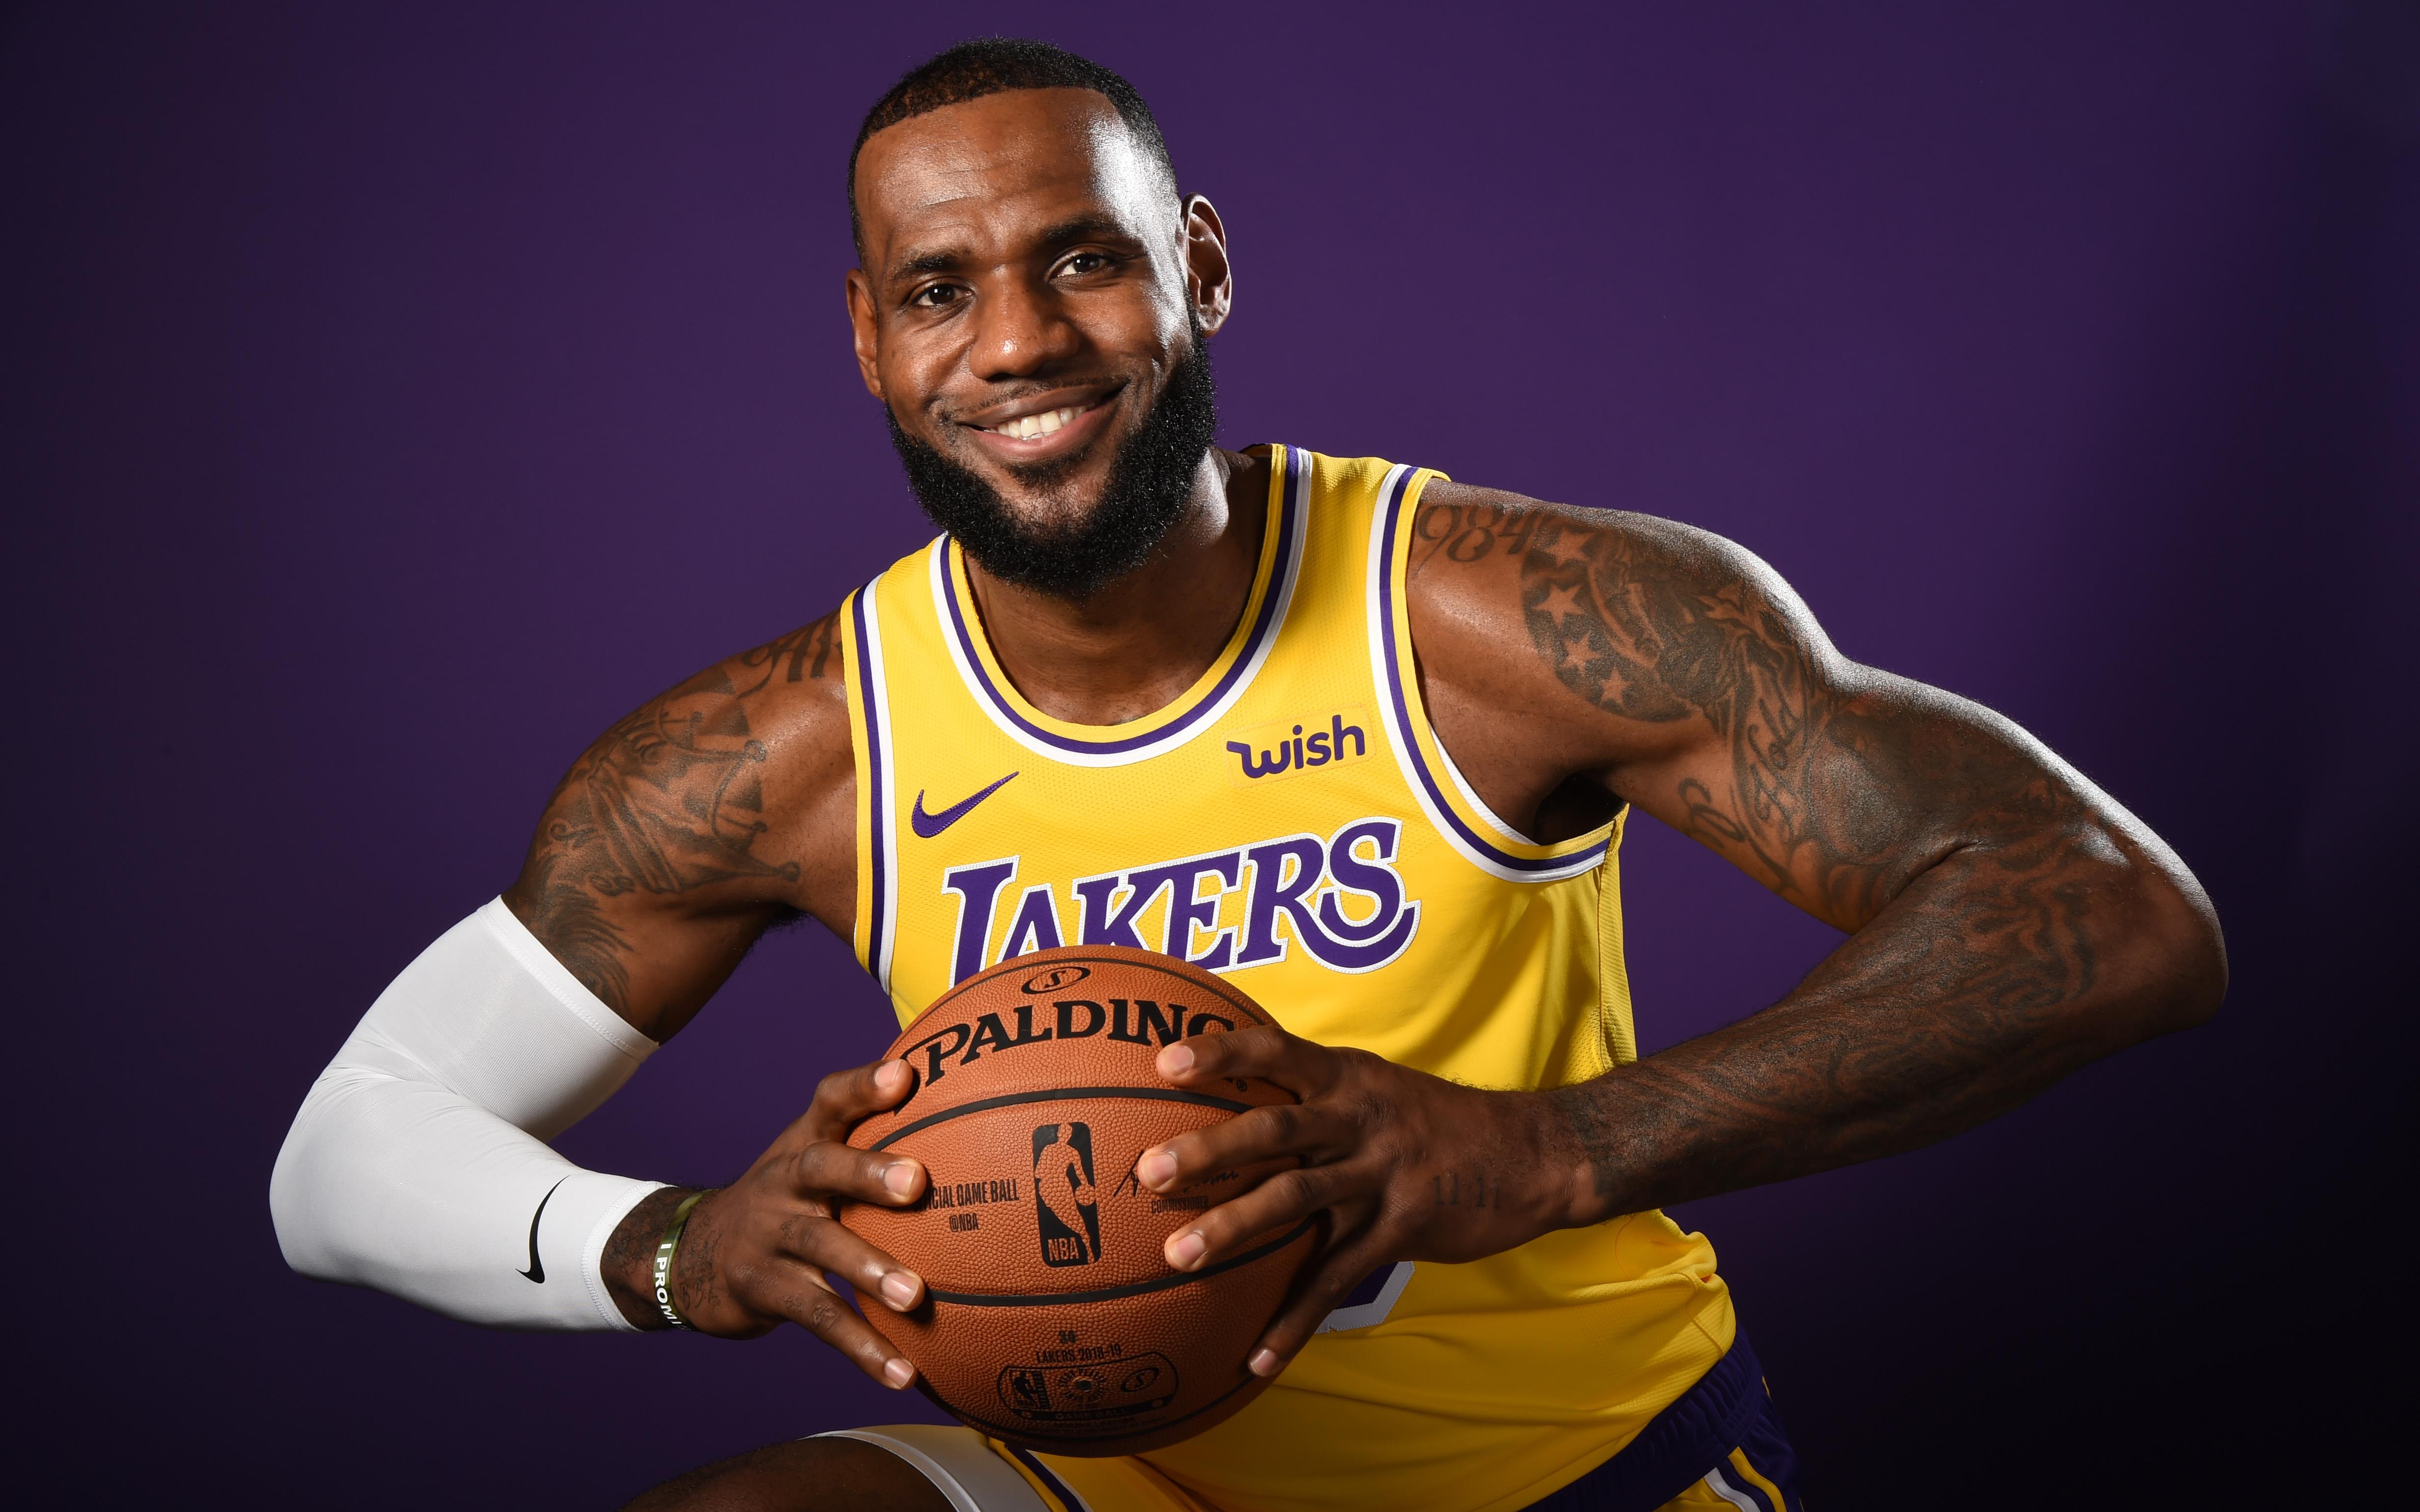 La Lakers Spieler